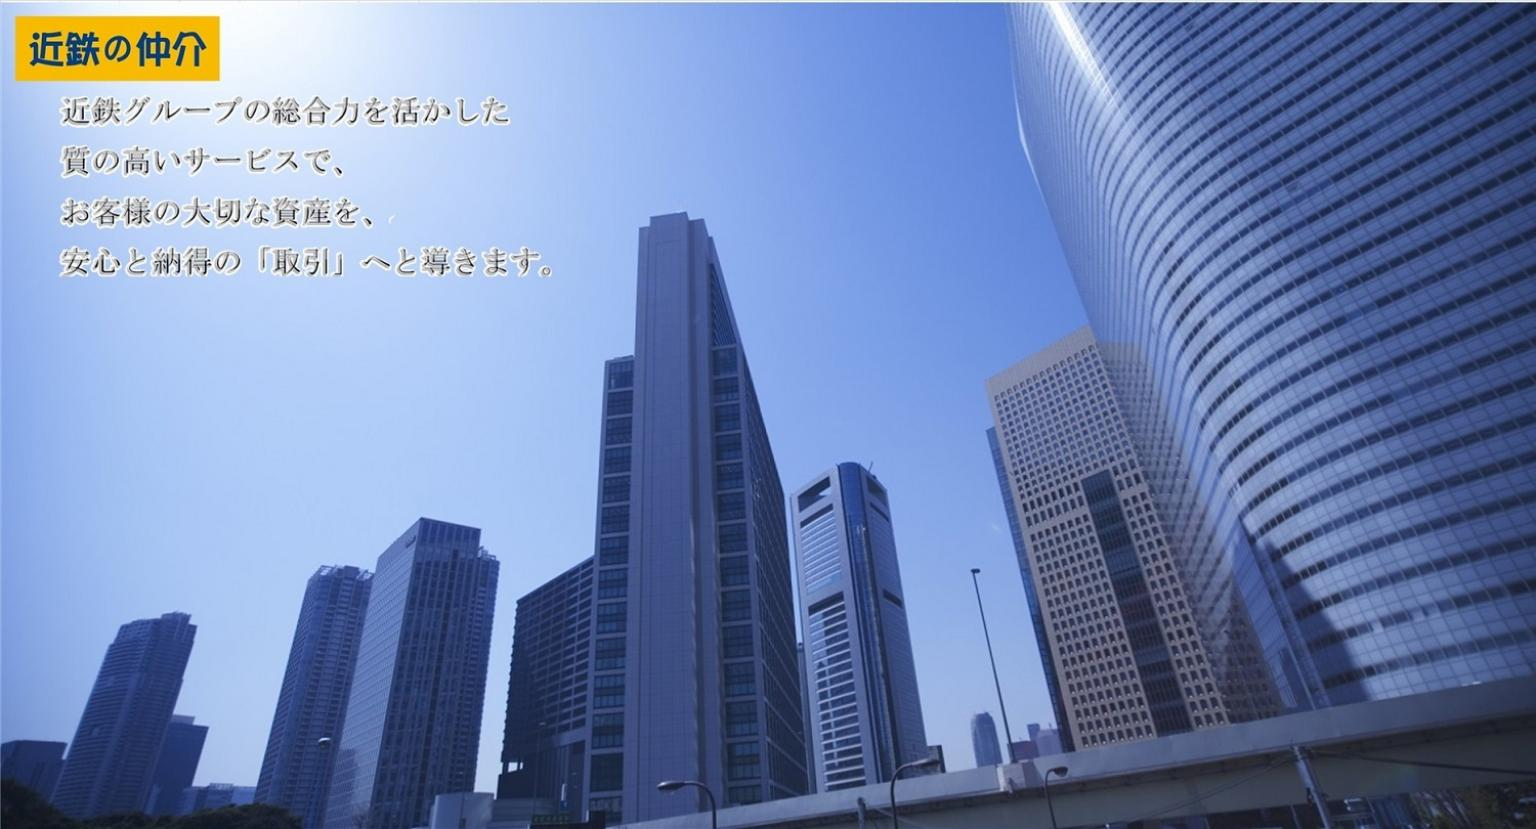 近鉄不動産株式会社 茨木営業所